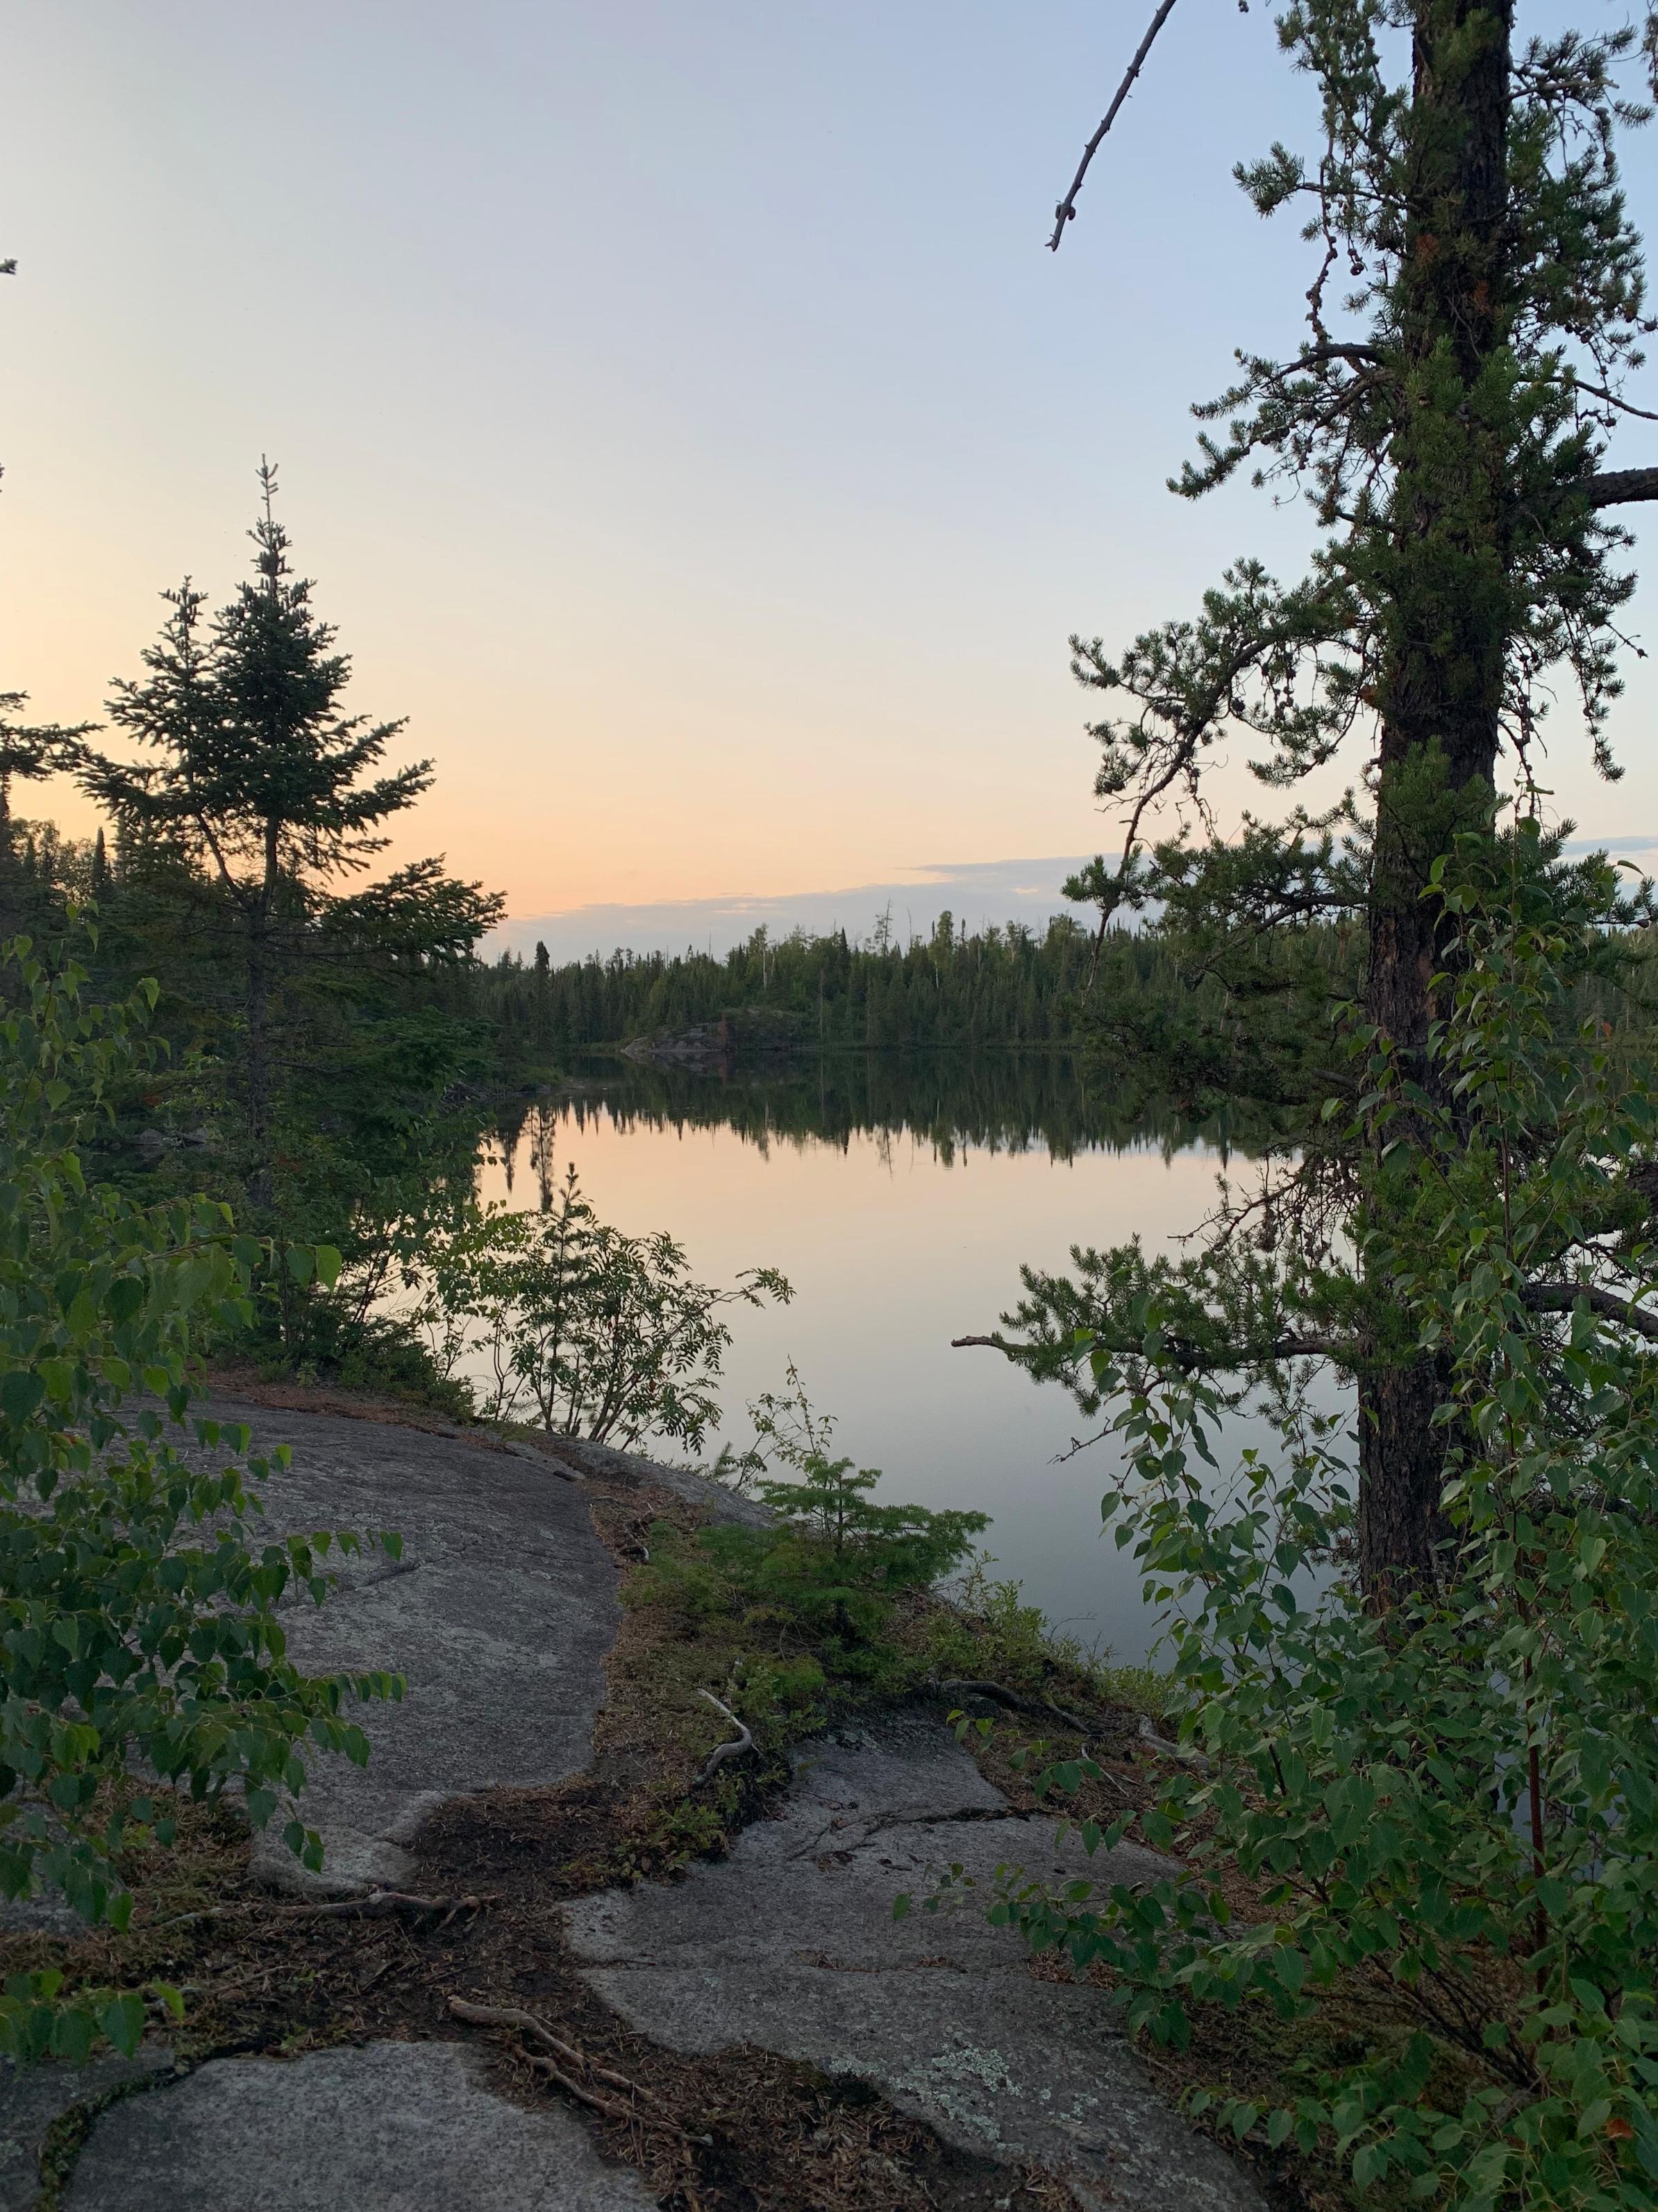 Missing Link Lake